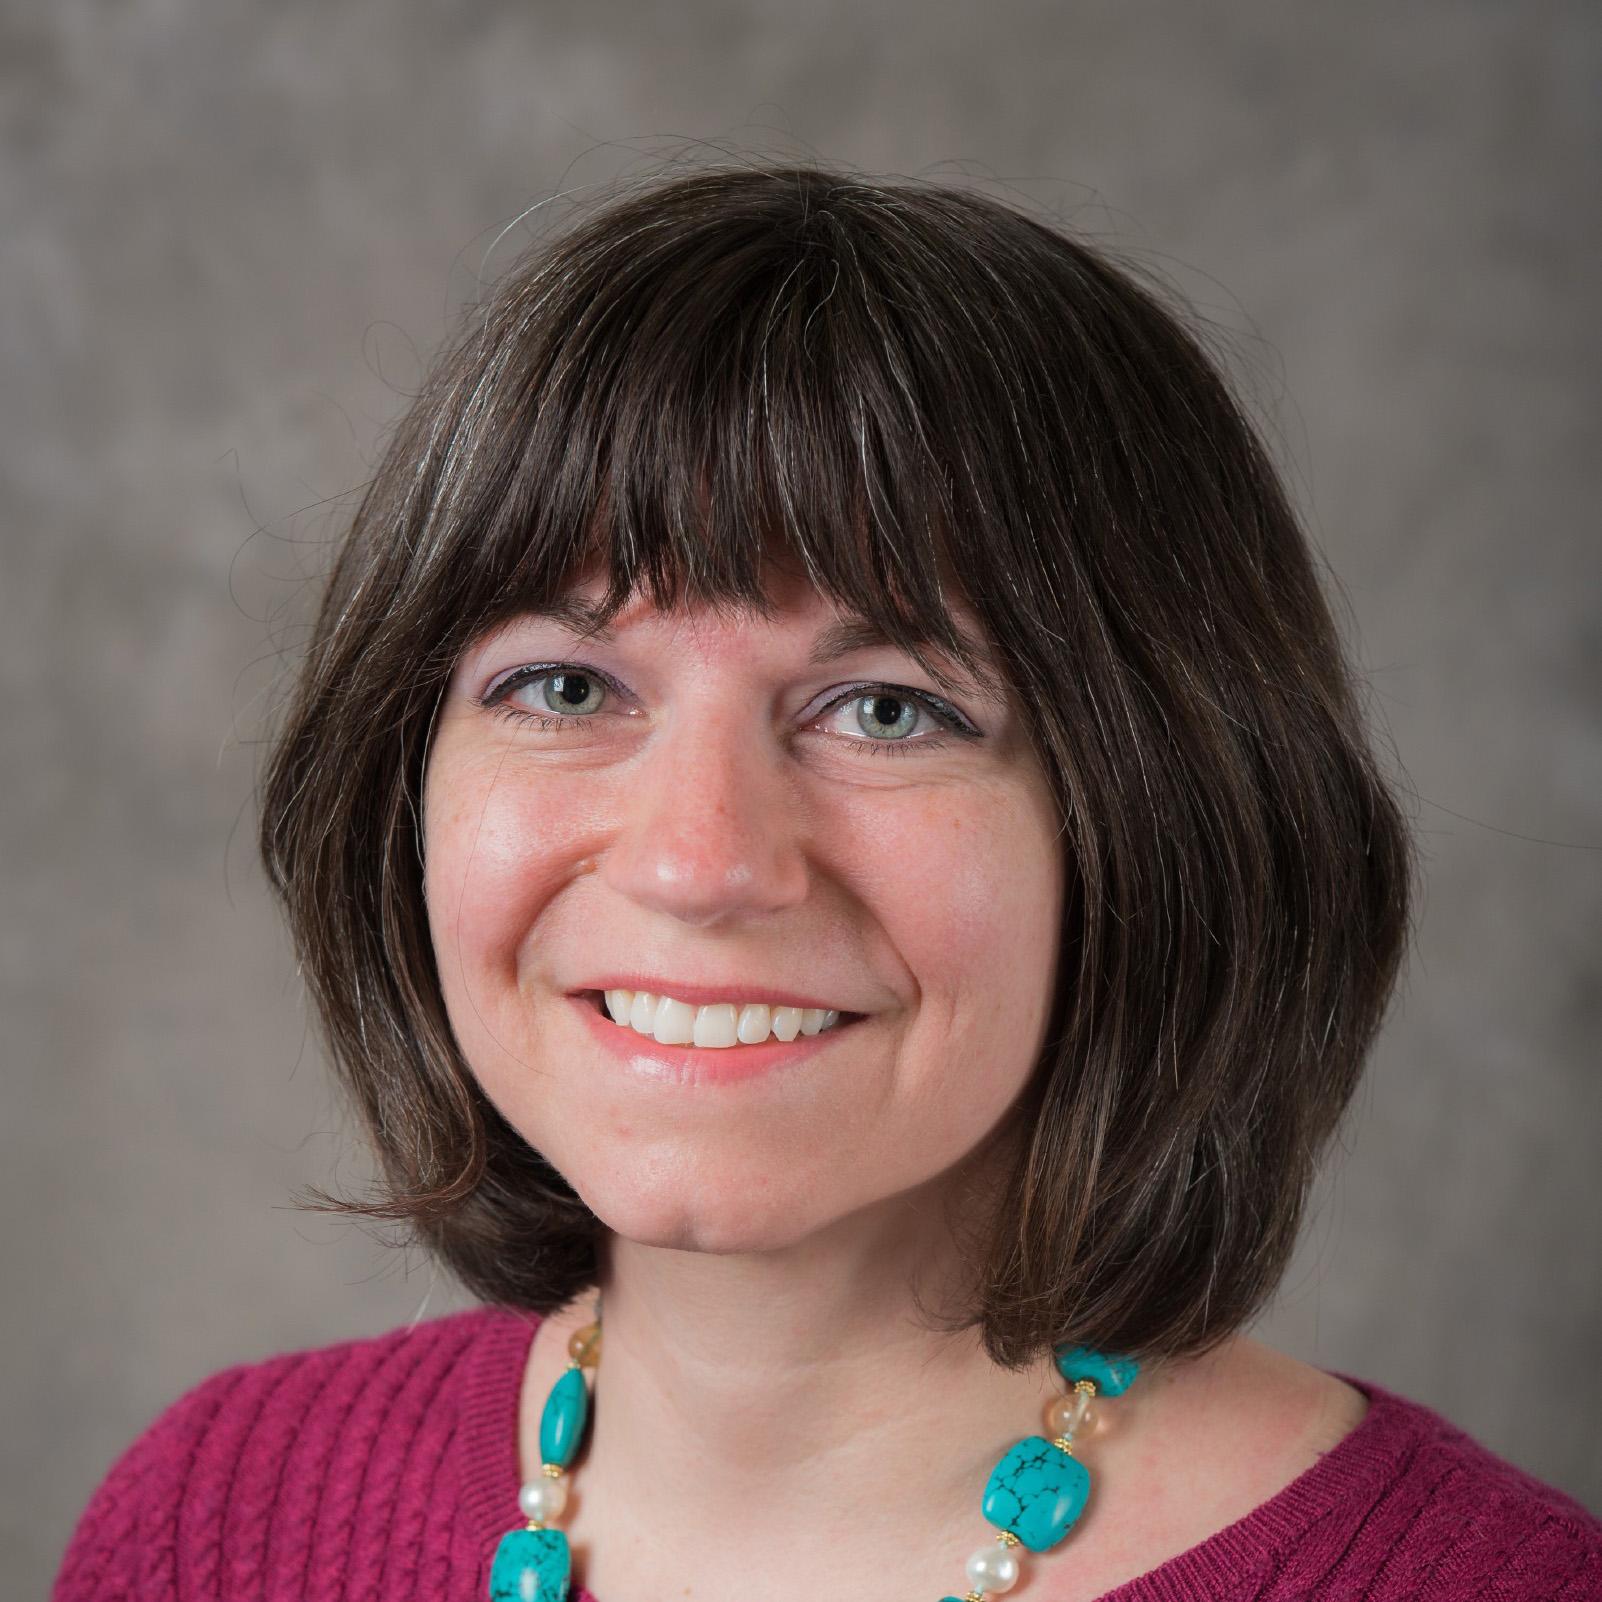 Dr. Alyxandra Vesey